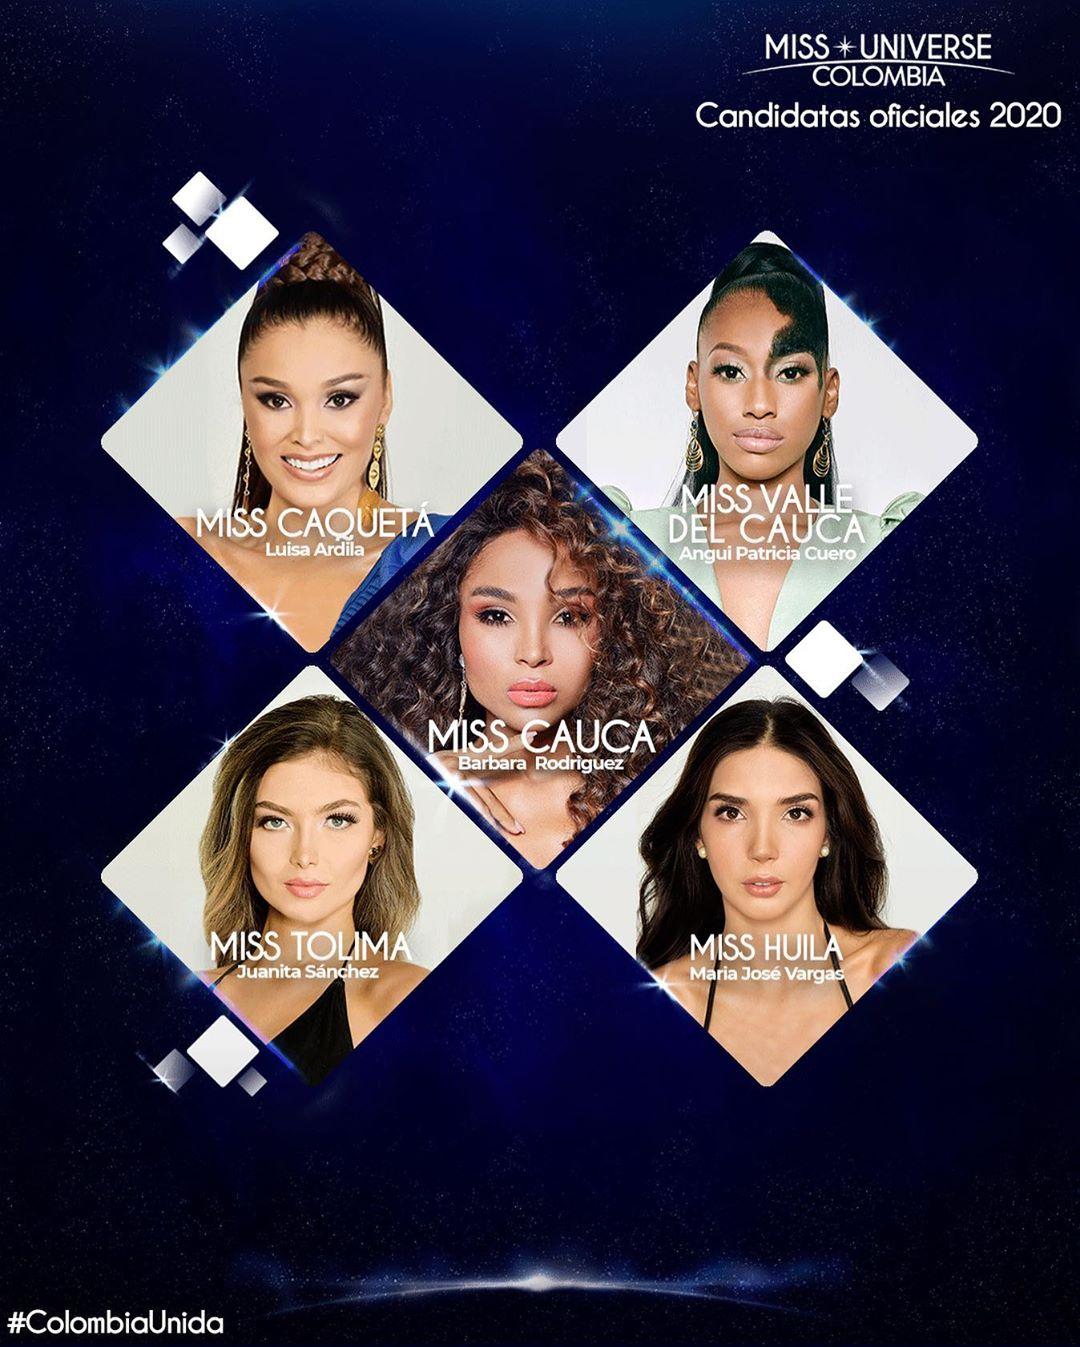 Este es el segundo grupo de candidatas  de Miss Universe Colombia Wawifmuq